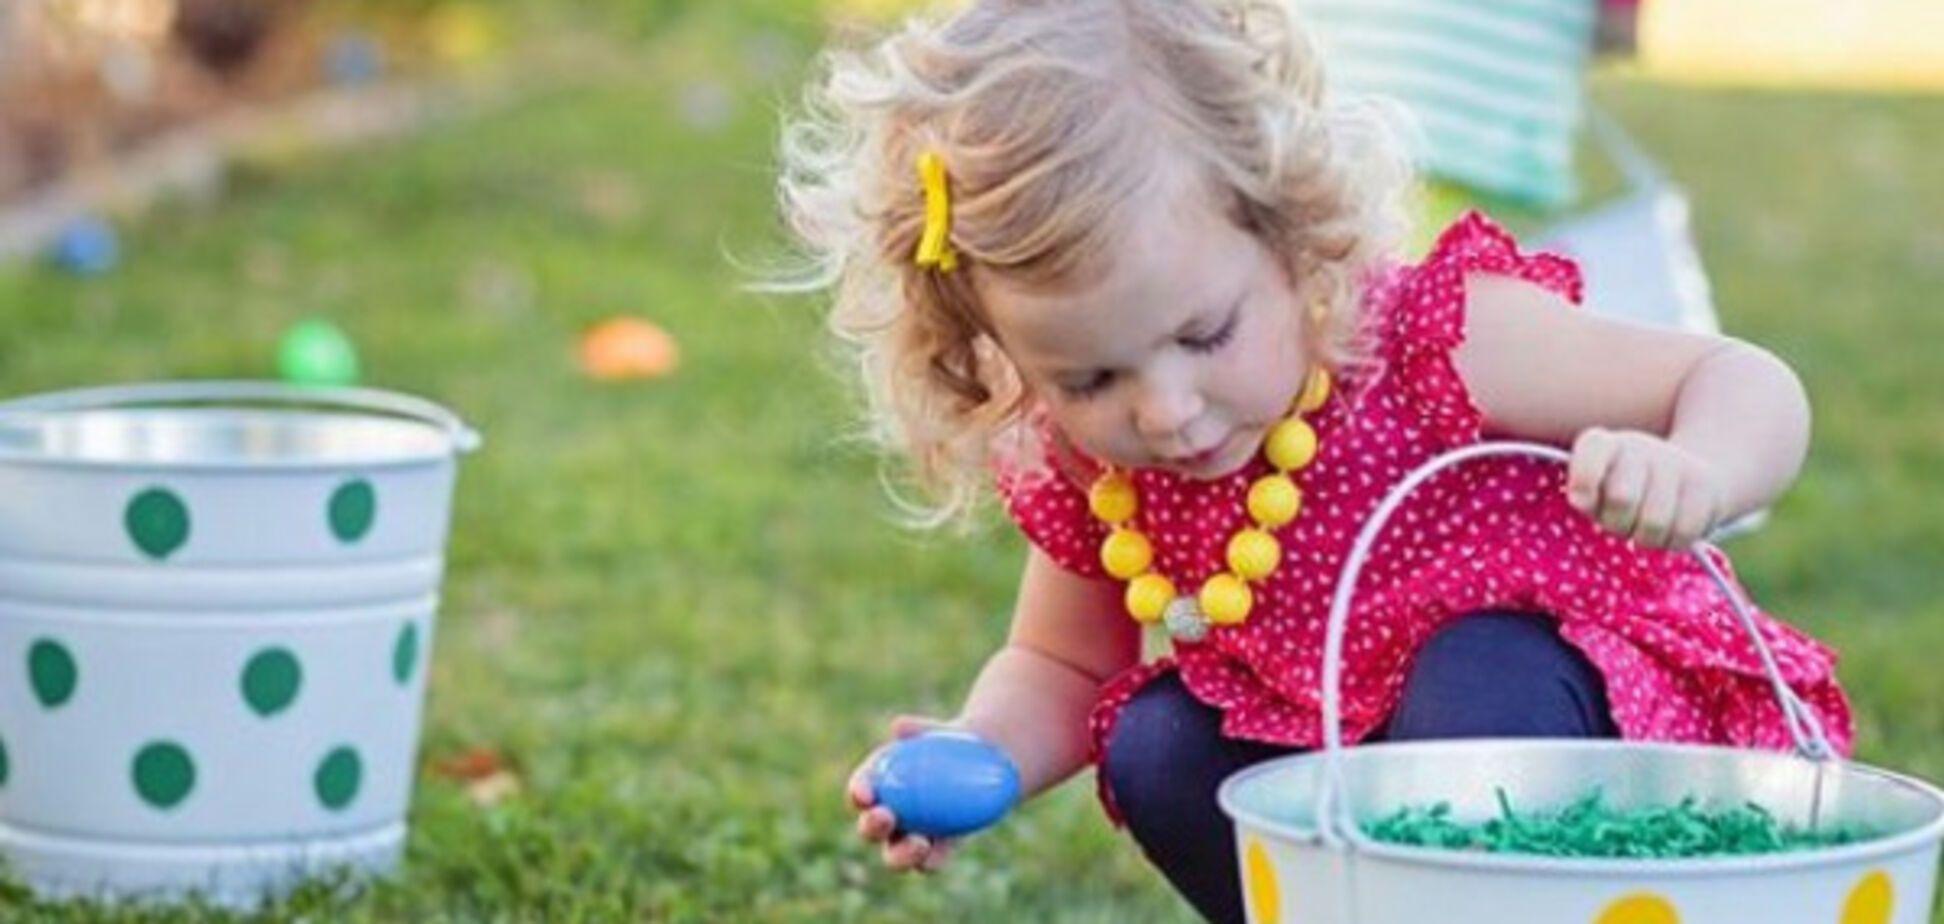 Игры на Пасху: несколько идей, которые понравятся детям